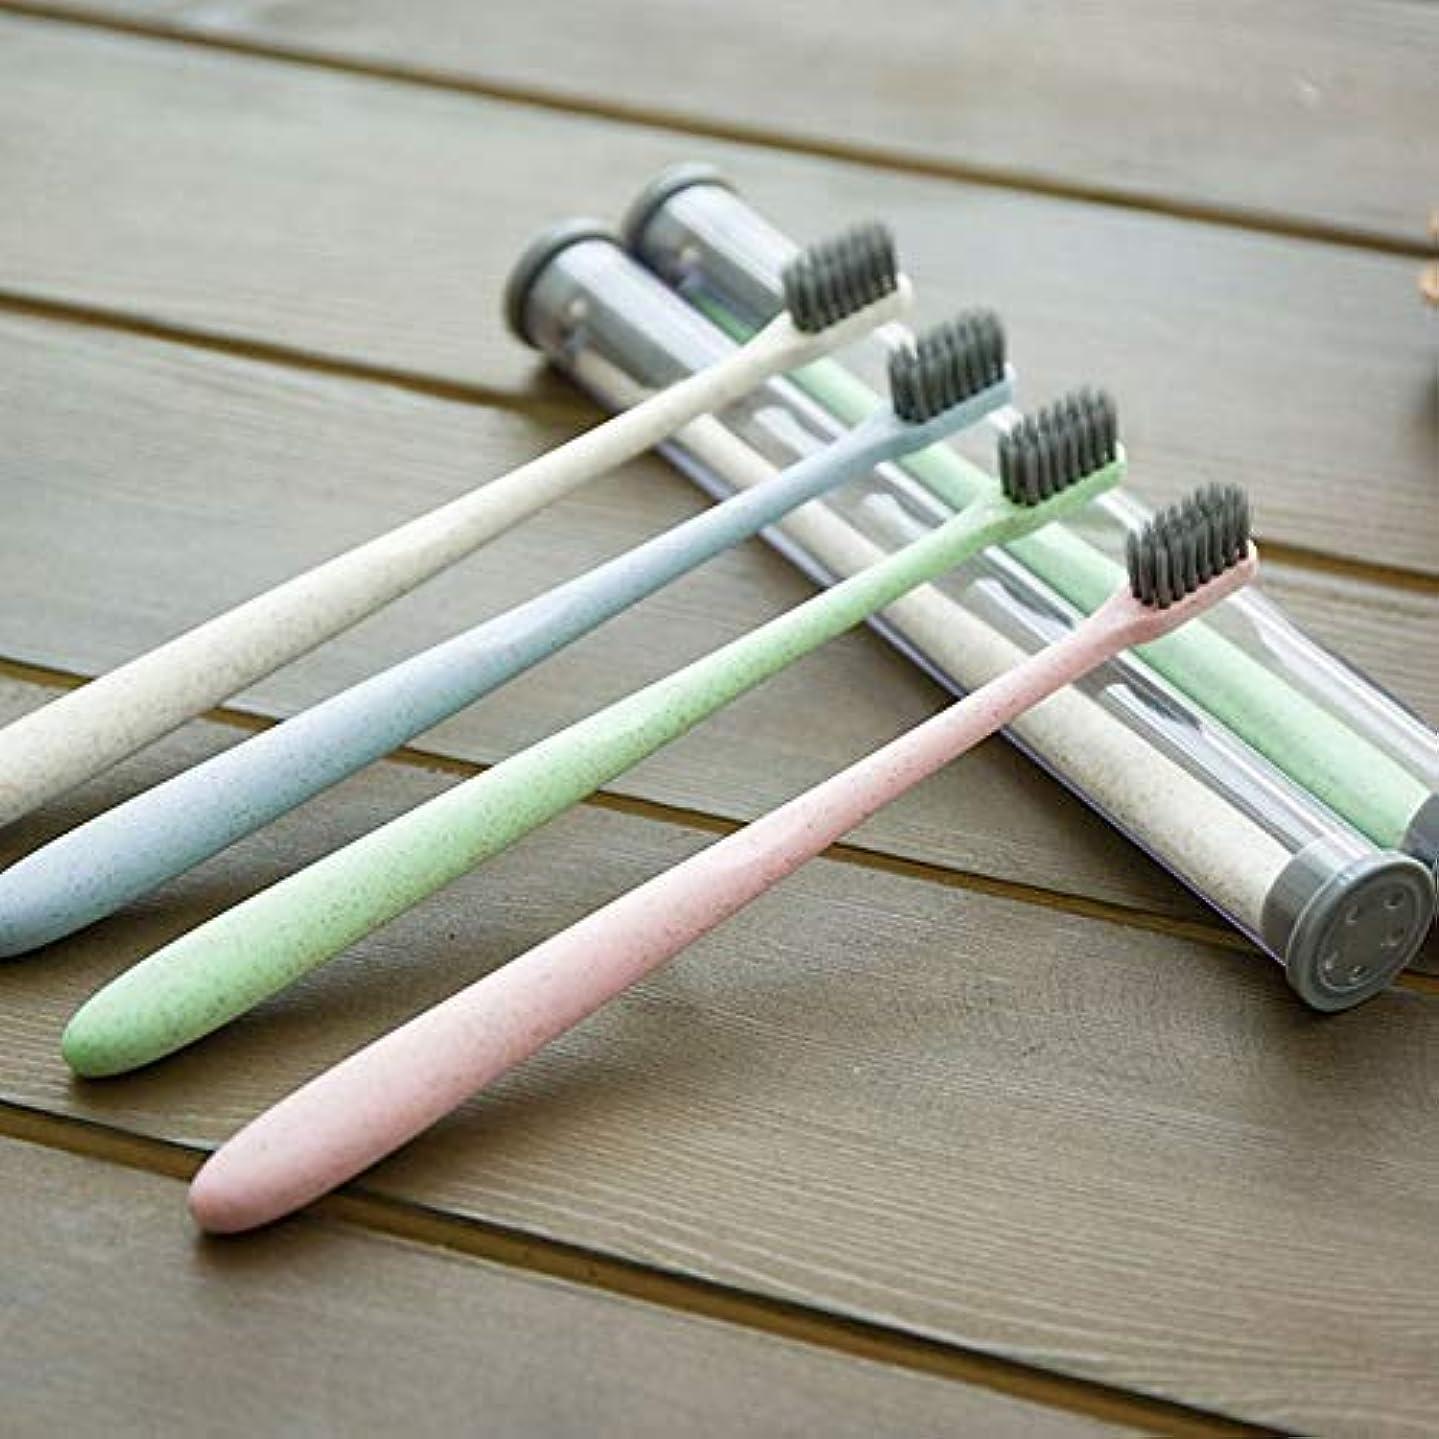 異議取り付け染色ホームトラベル大人小麦わら歯ブラシポータブルソフト歯ブラシクリーニング歯ガードツール収納ケース付き - グリーン